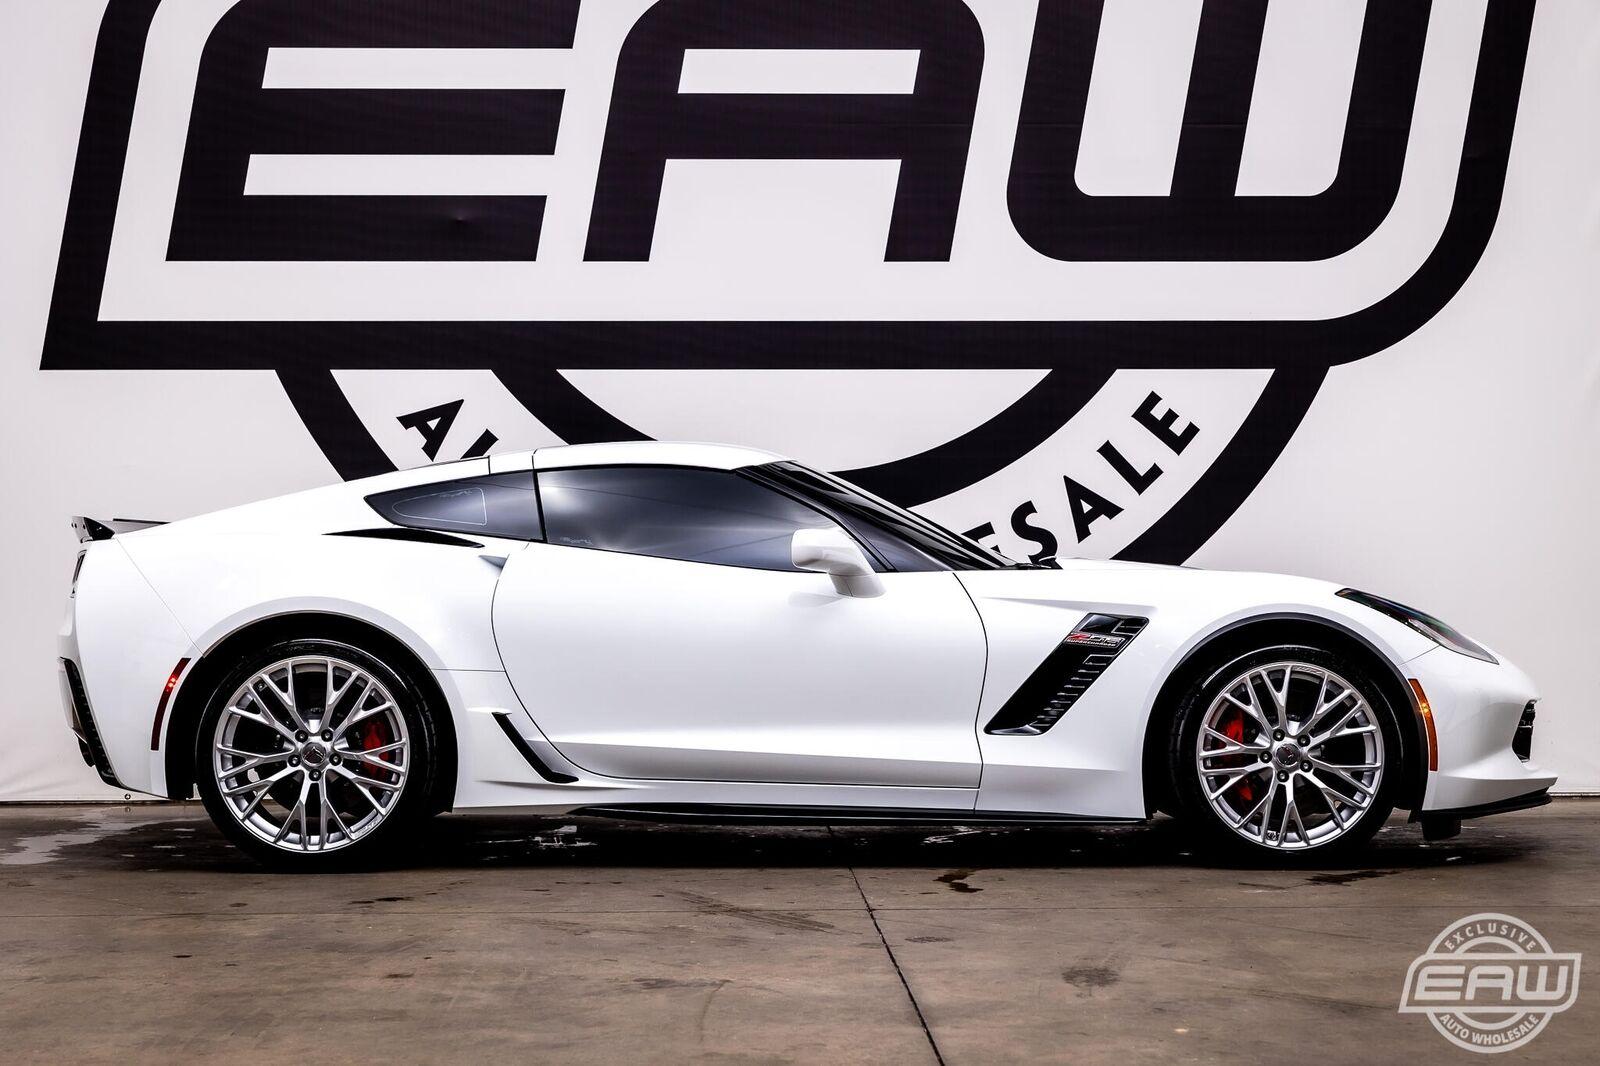 2019 White Chevrolet Corvette Z06 2LZ | C7 Corvette Photo 9